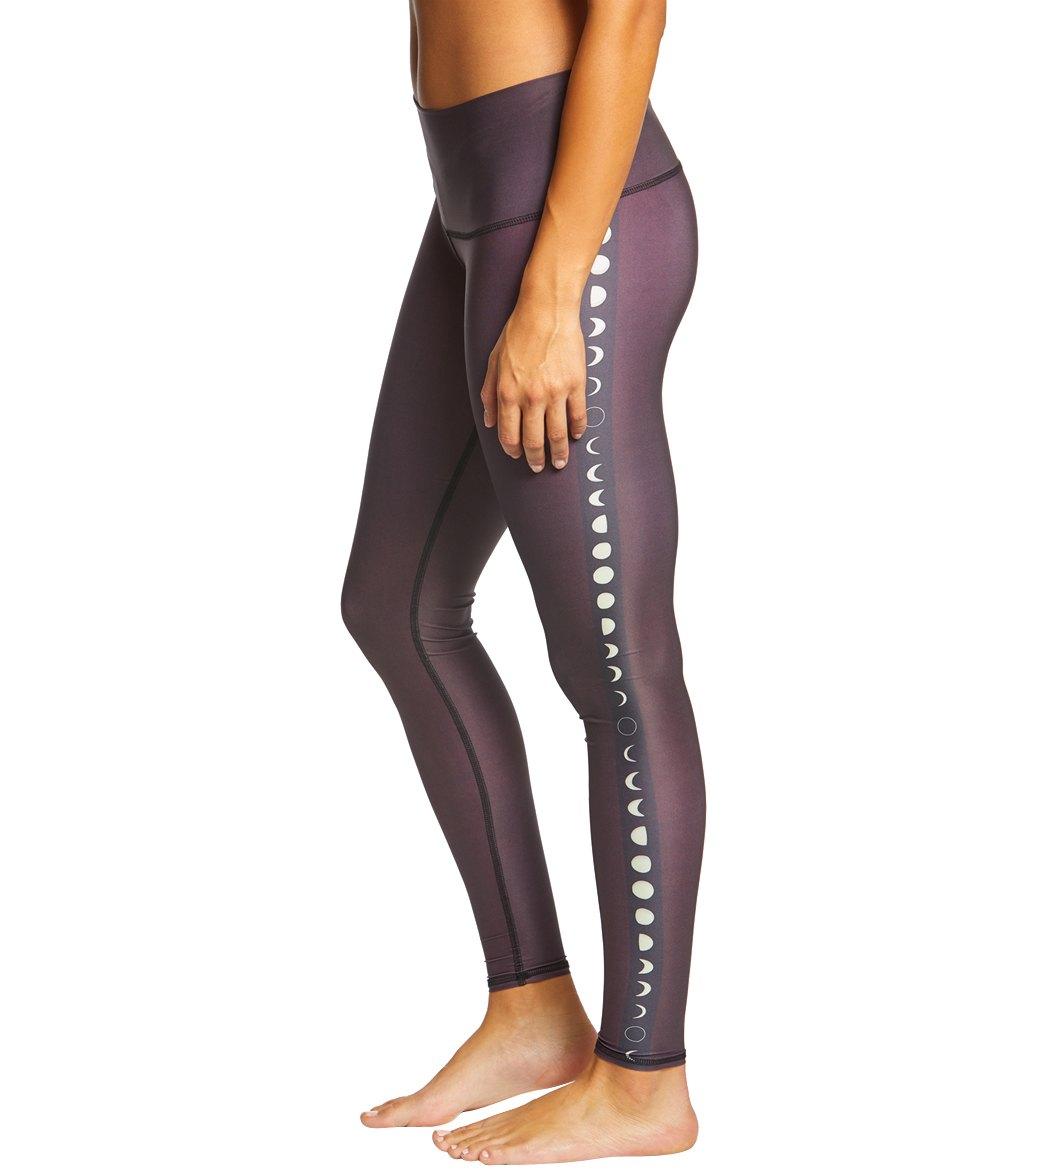 9e254e06b698f Teeki Black Moon Hot Pants at YogaOutlet.com - Free Shipping